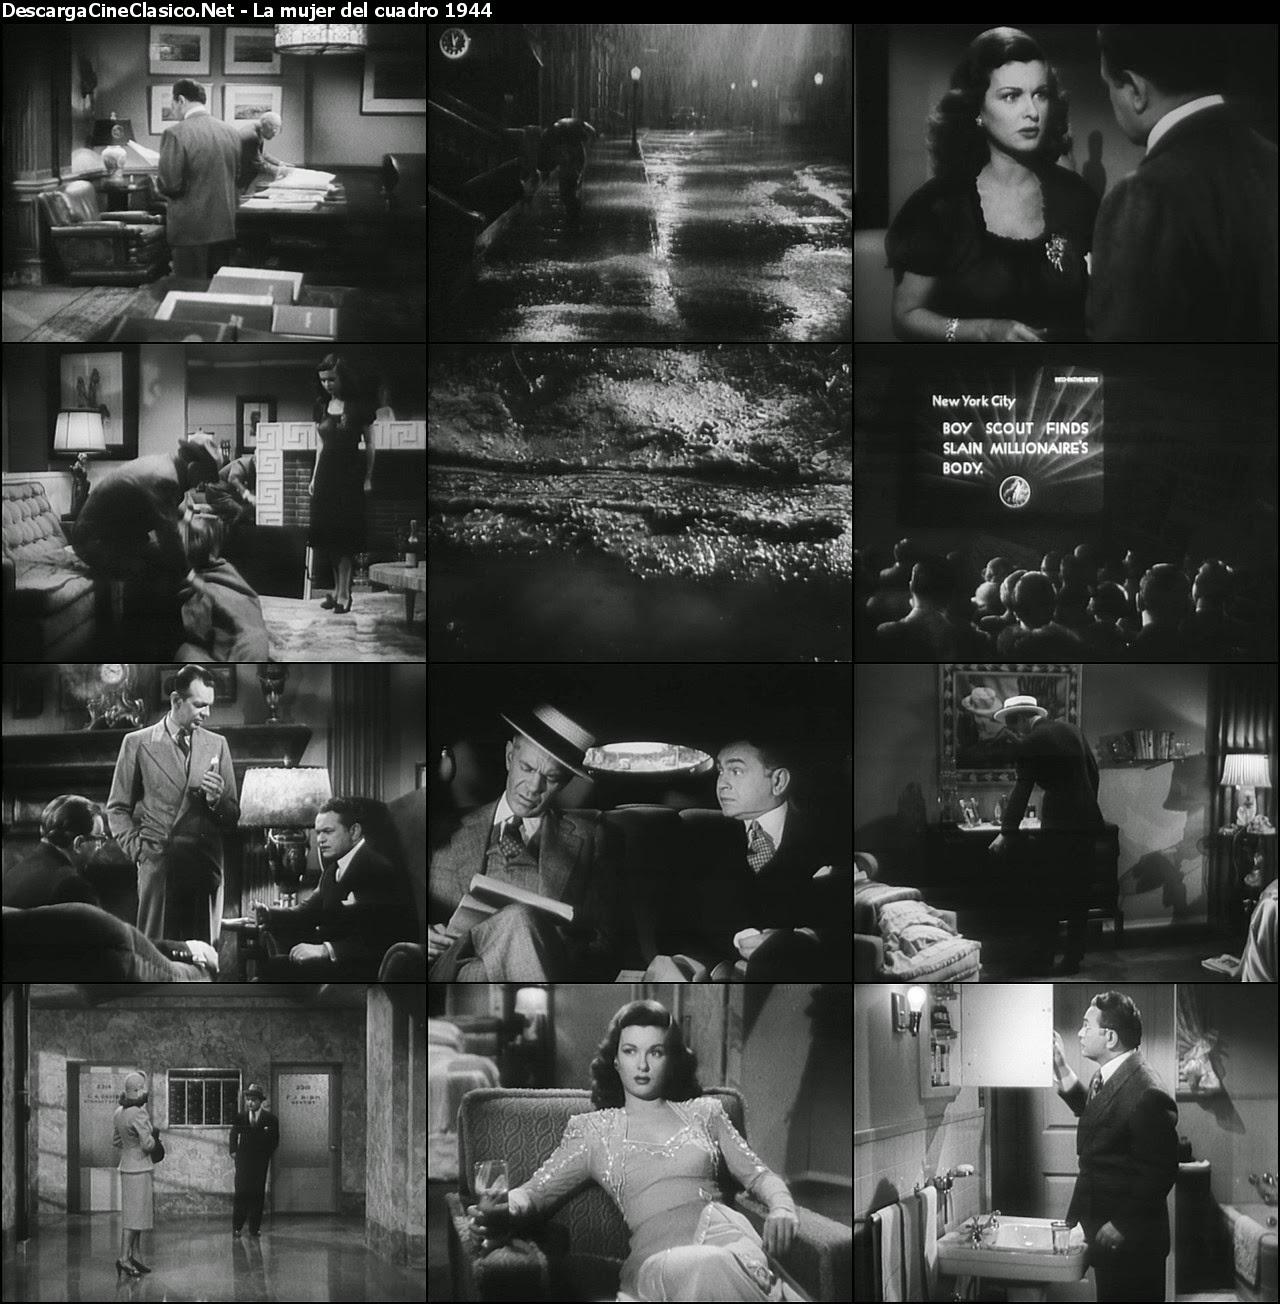 La mujer del cuadro (1944 - The Woman in the Window) Capturas - cine clasico